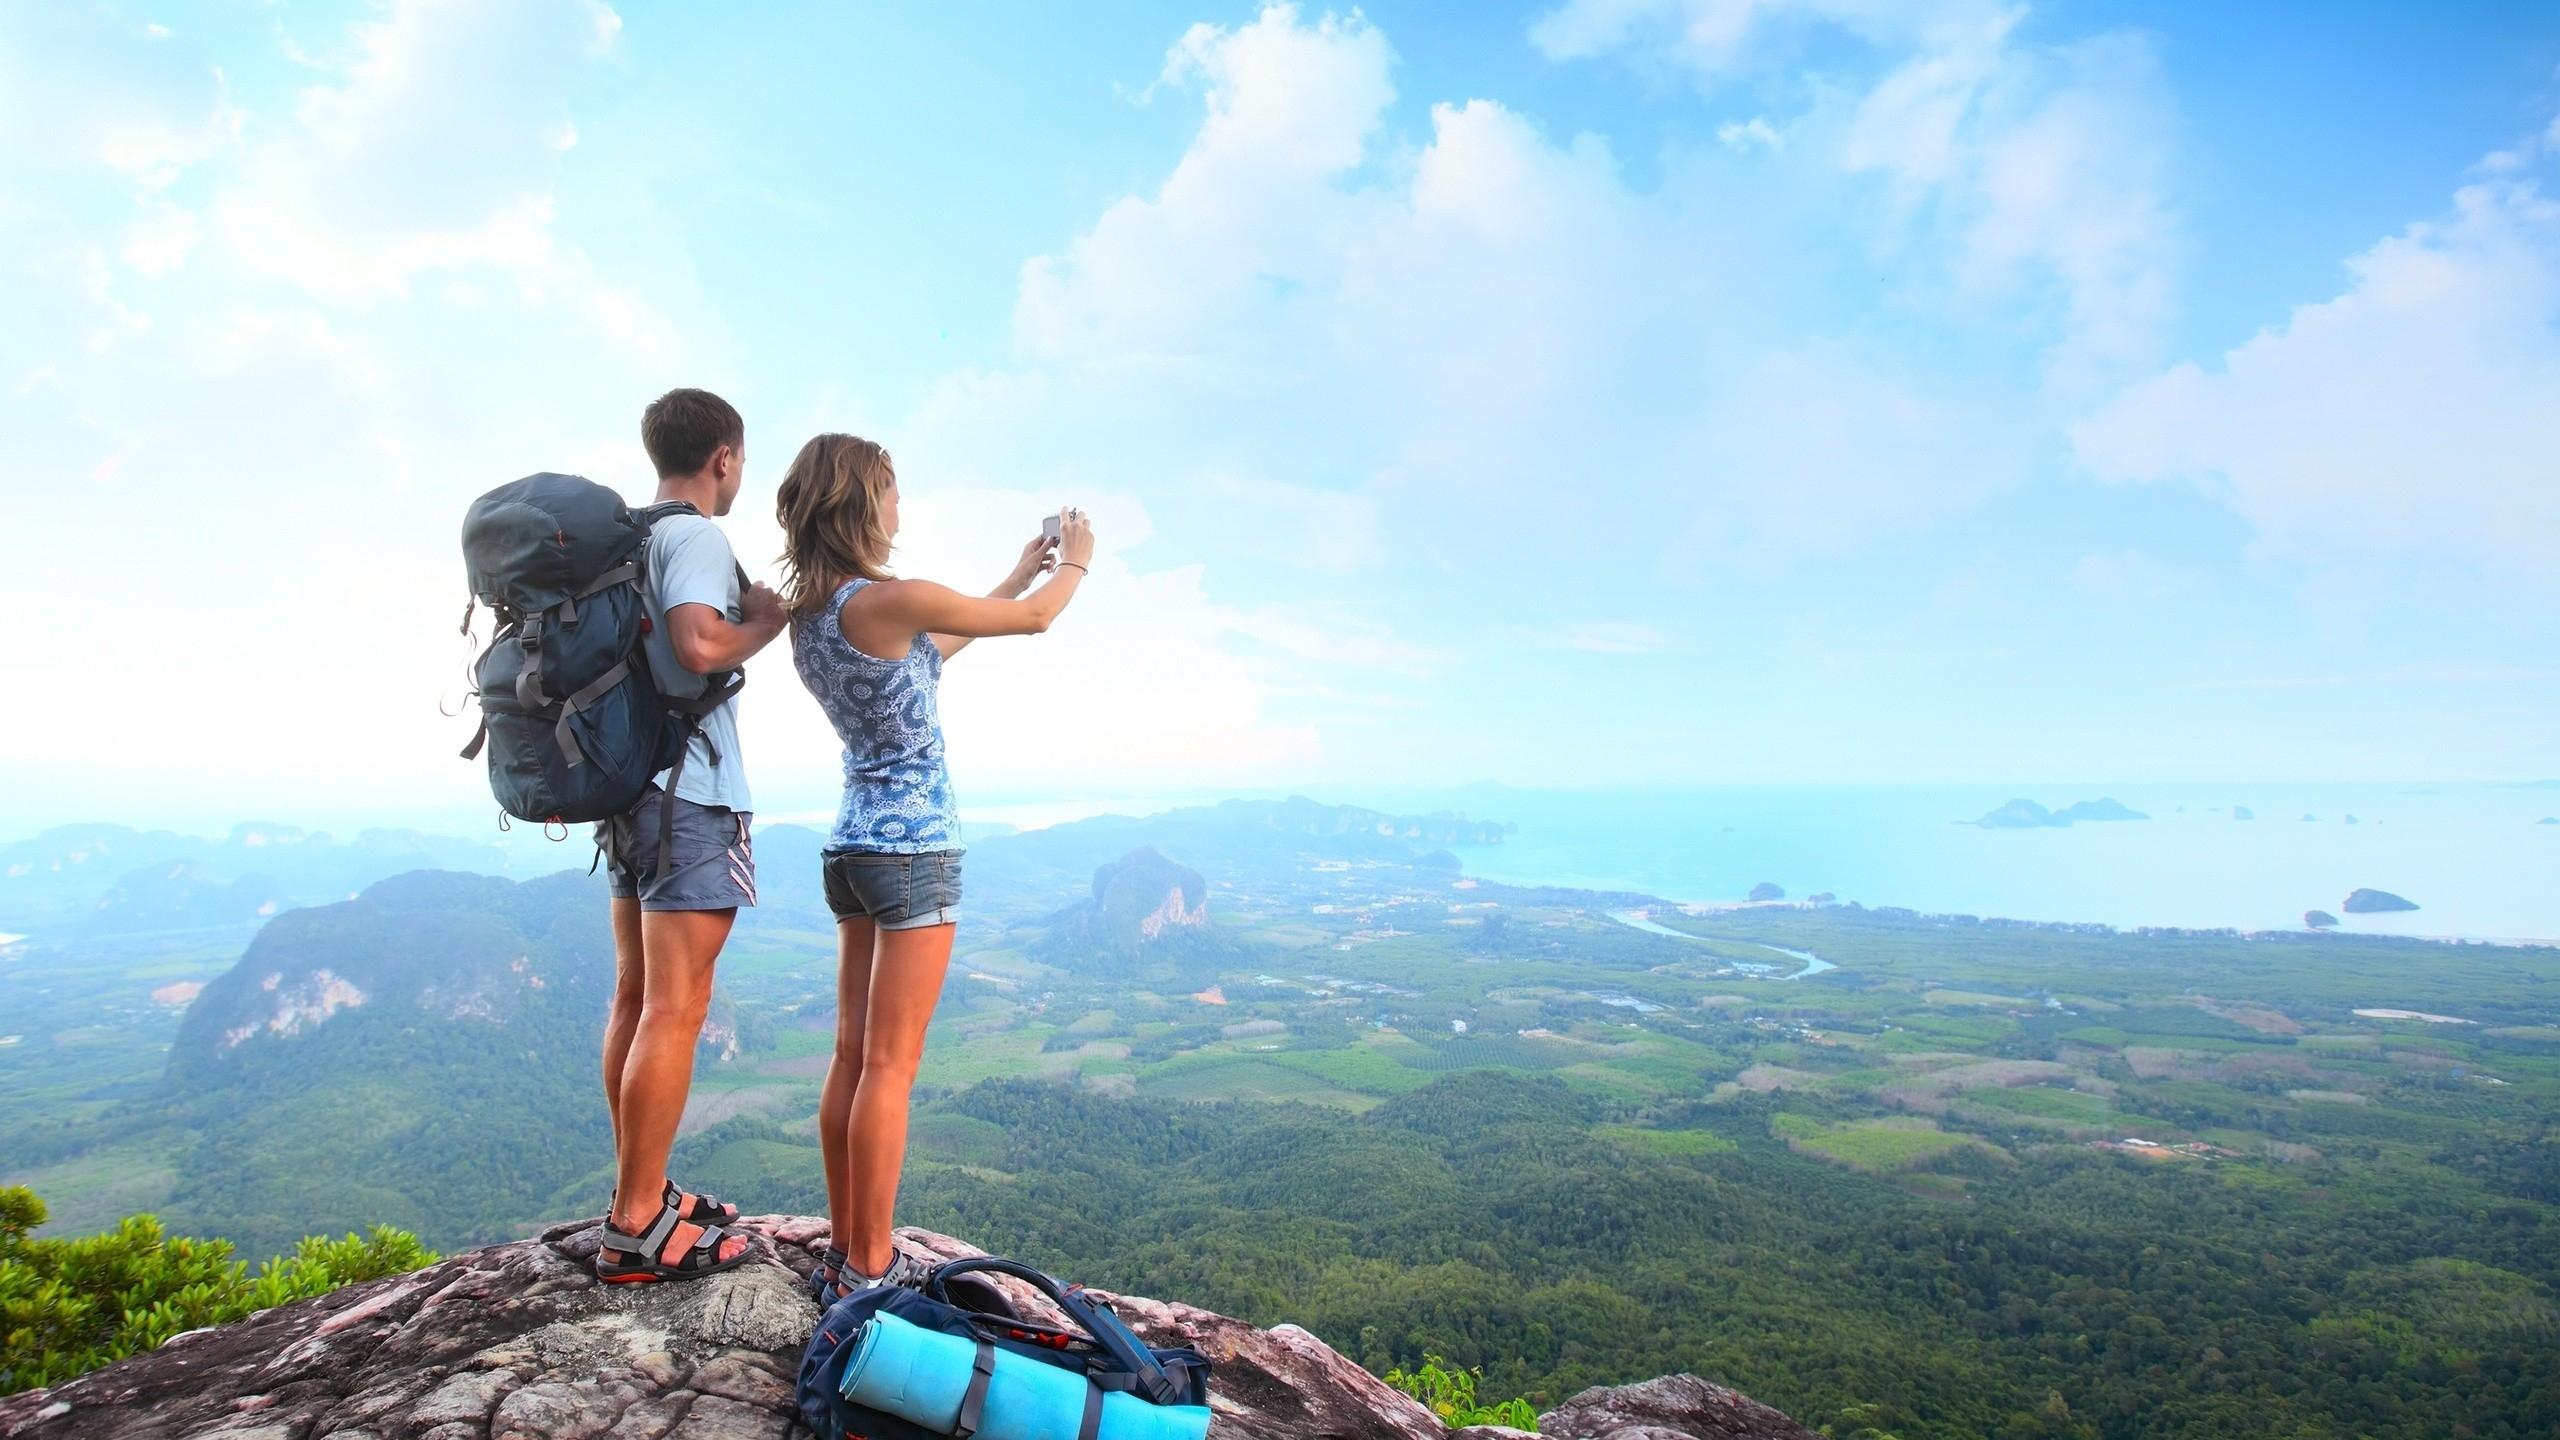 Резултат с изображение за people traveling